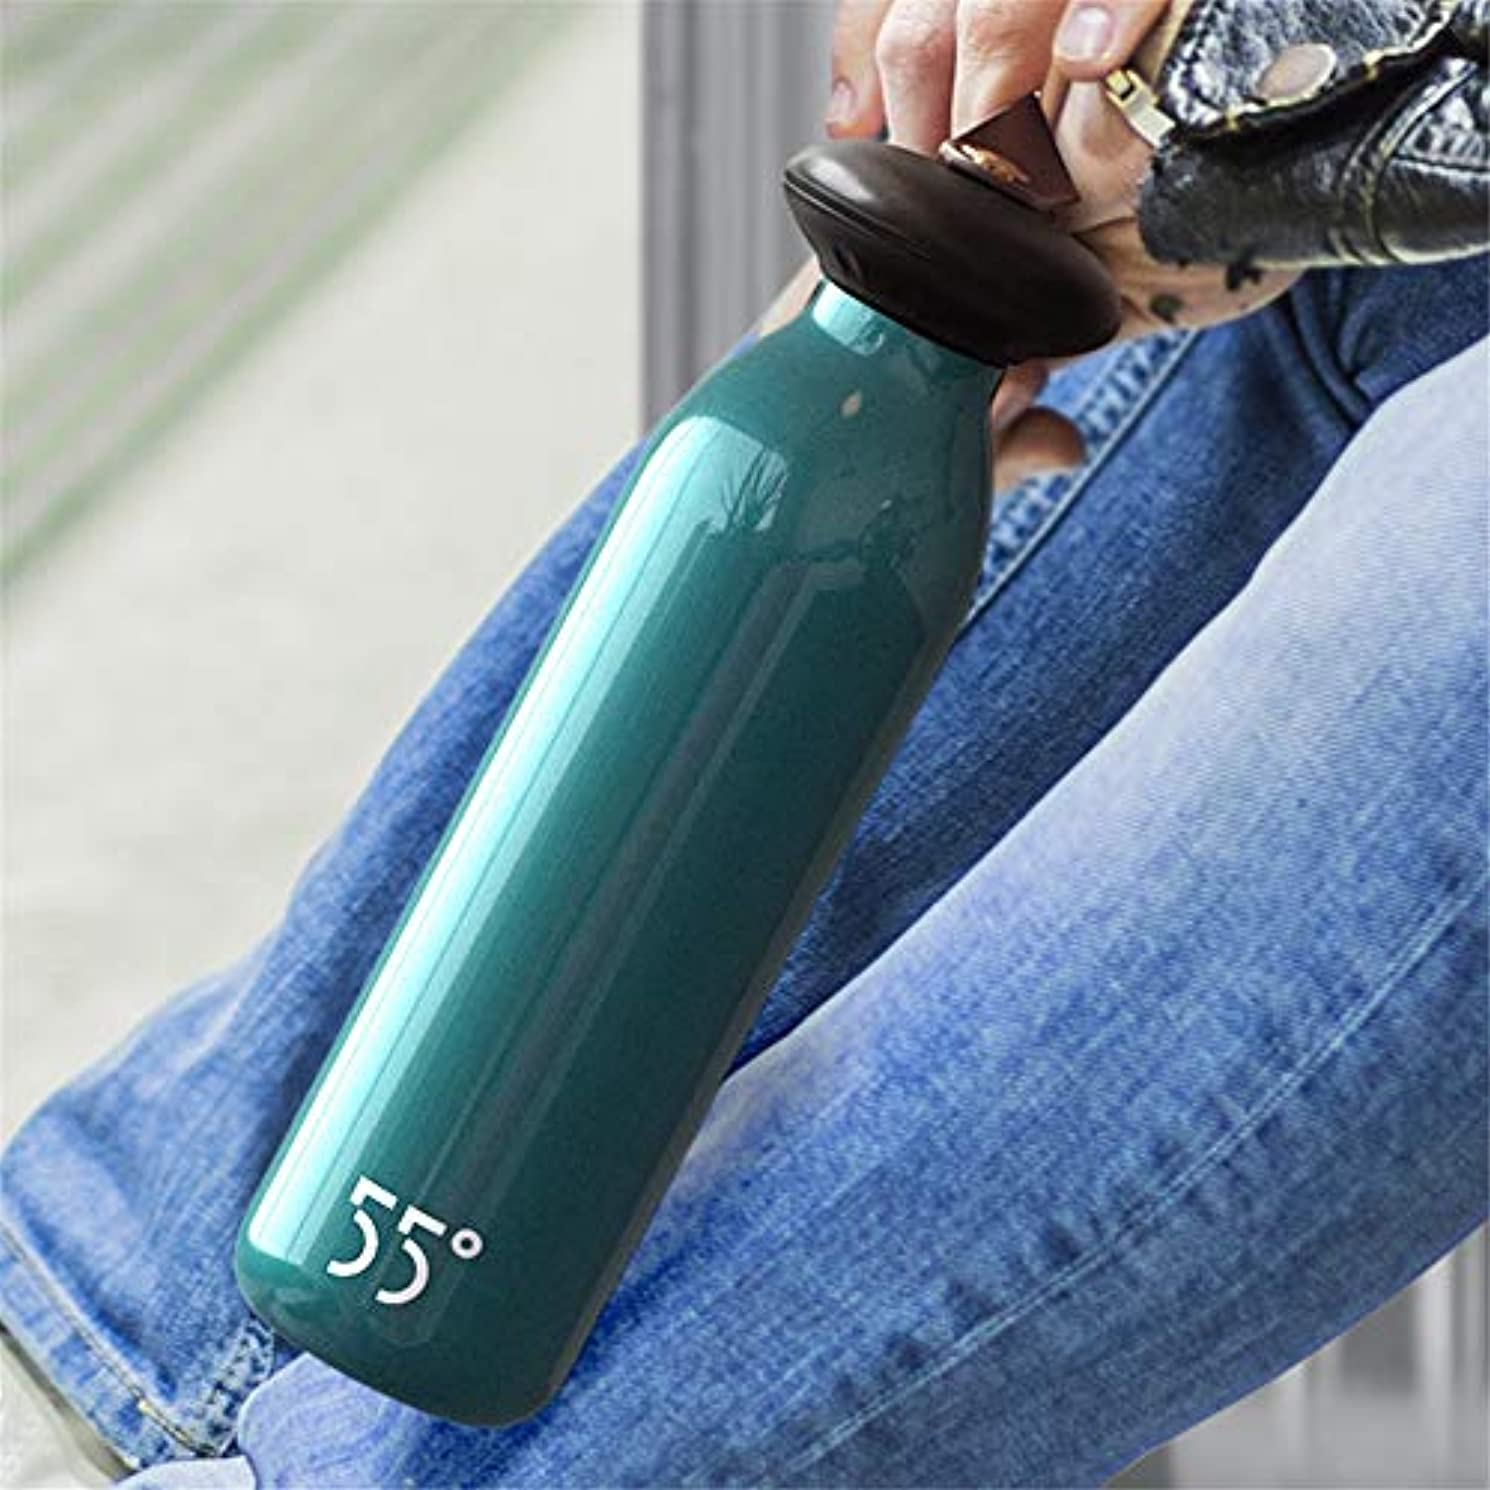 グラスお酢ブレーキ屋外の車のポータブル断熱ポット、ステンレス鋼の漏れ防止ケトルカップ、24時間断熱カップインテリジェント断熱冷水カップ250ミリリットル